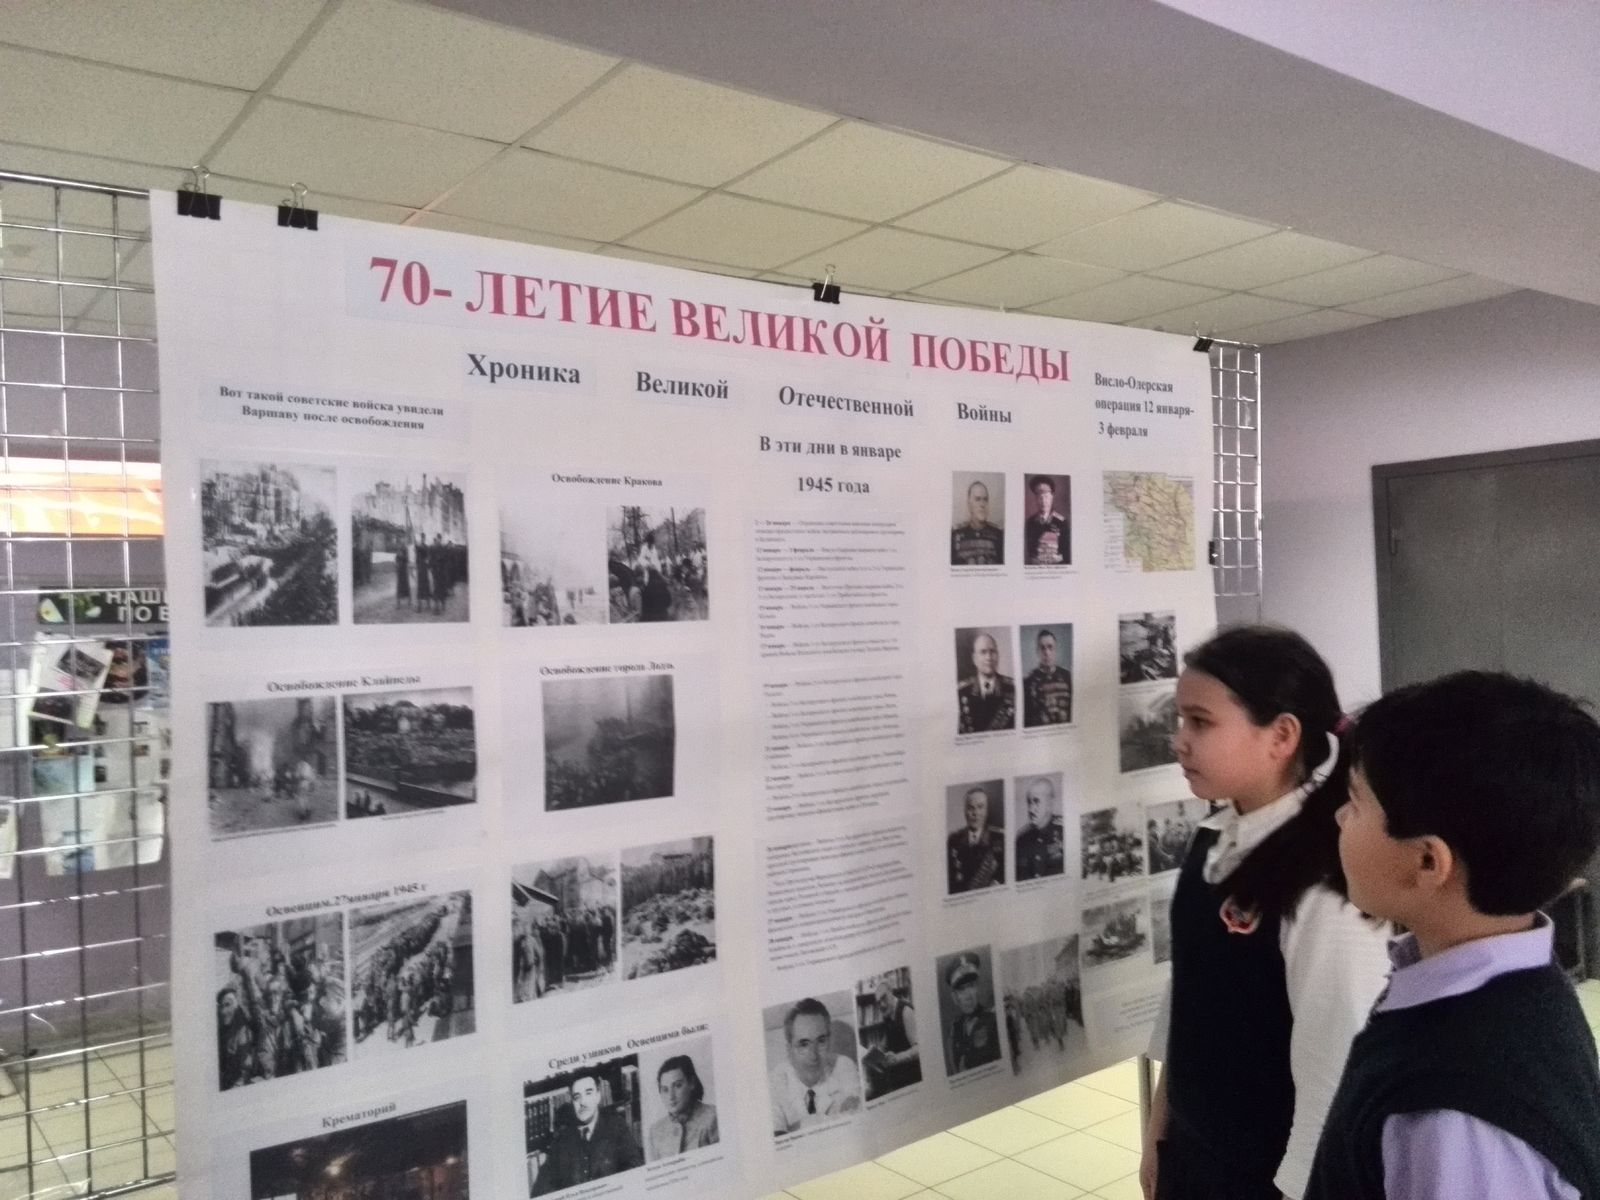 Стенд посвященный 70 летию победы картинки